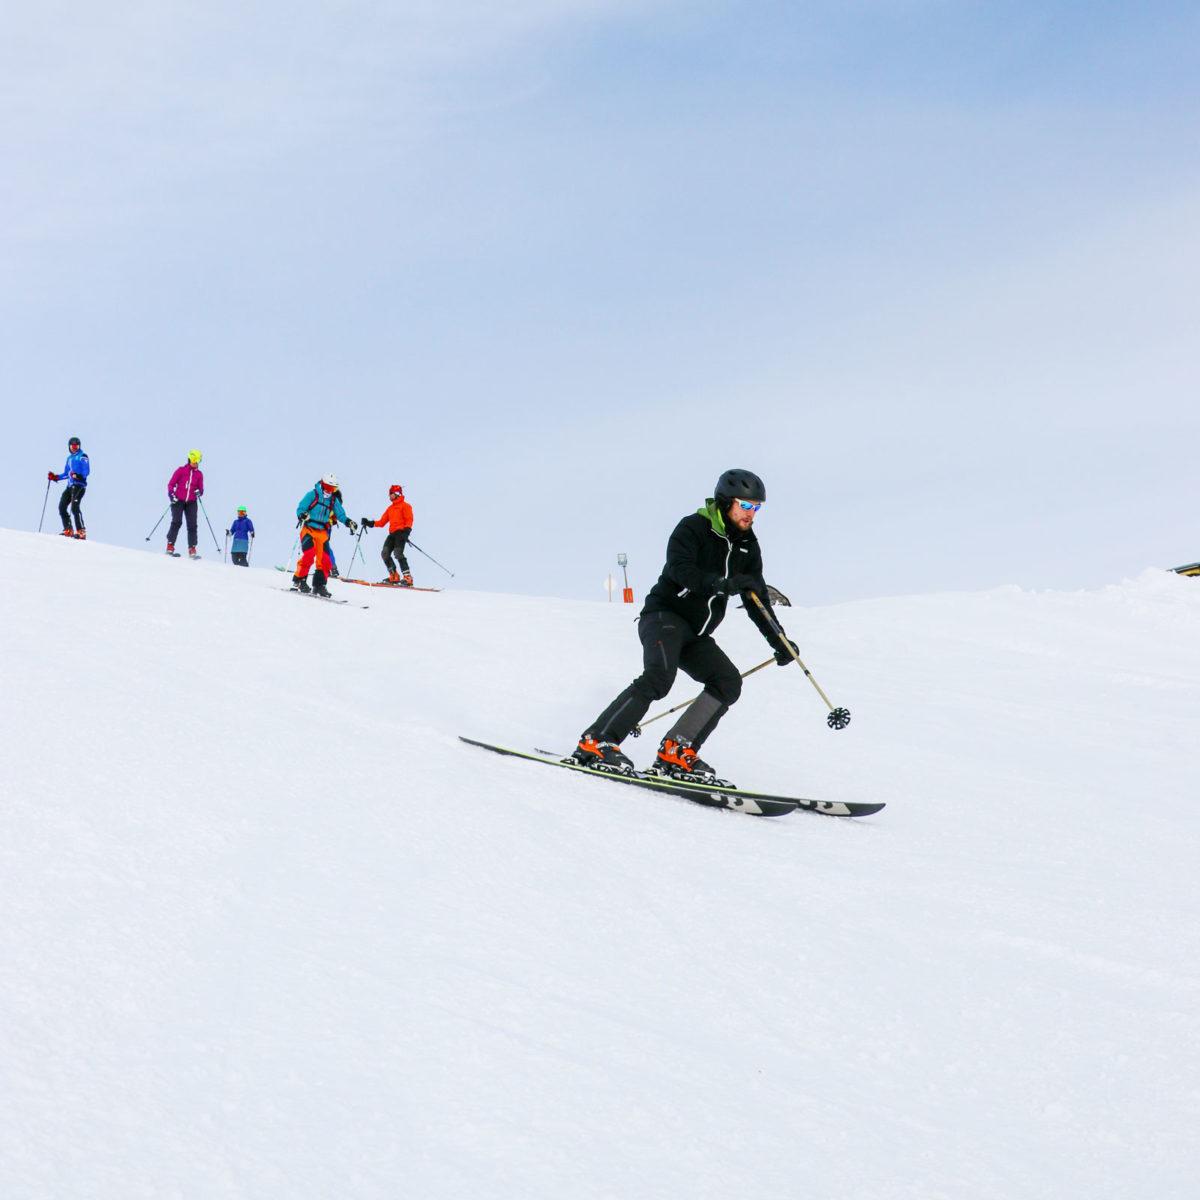 Zuerst im Alpinstil zum Ausprobieren.… Foto: Florian Peichler/ dieMedienSchmiede.at